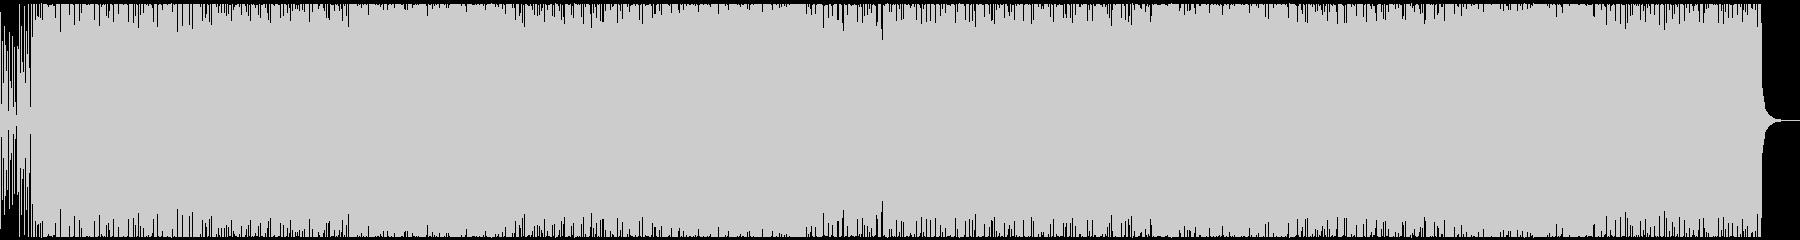 何かが始まる予感の音楽の未再生の波形